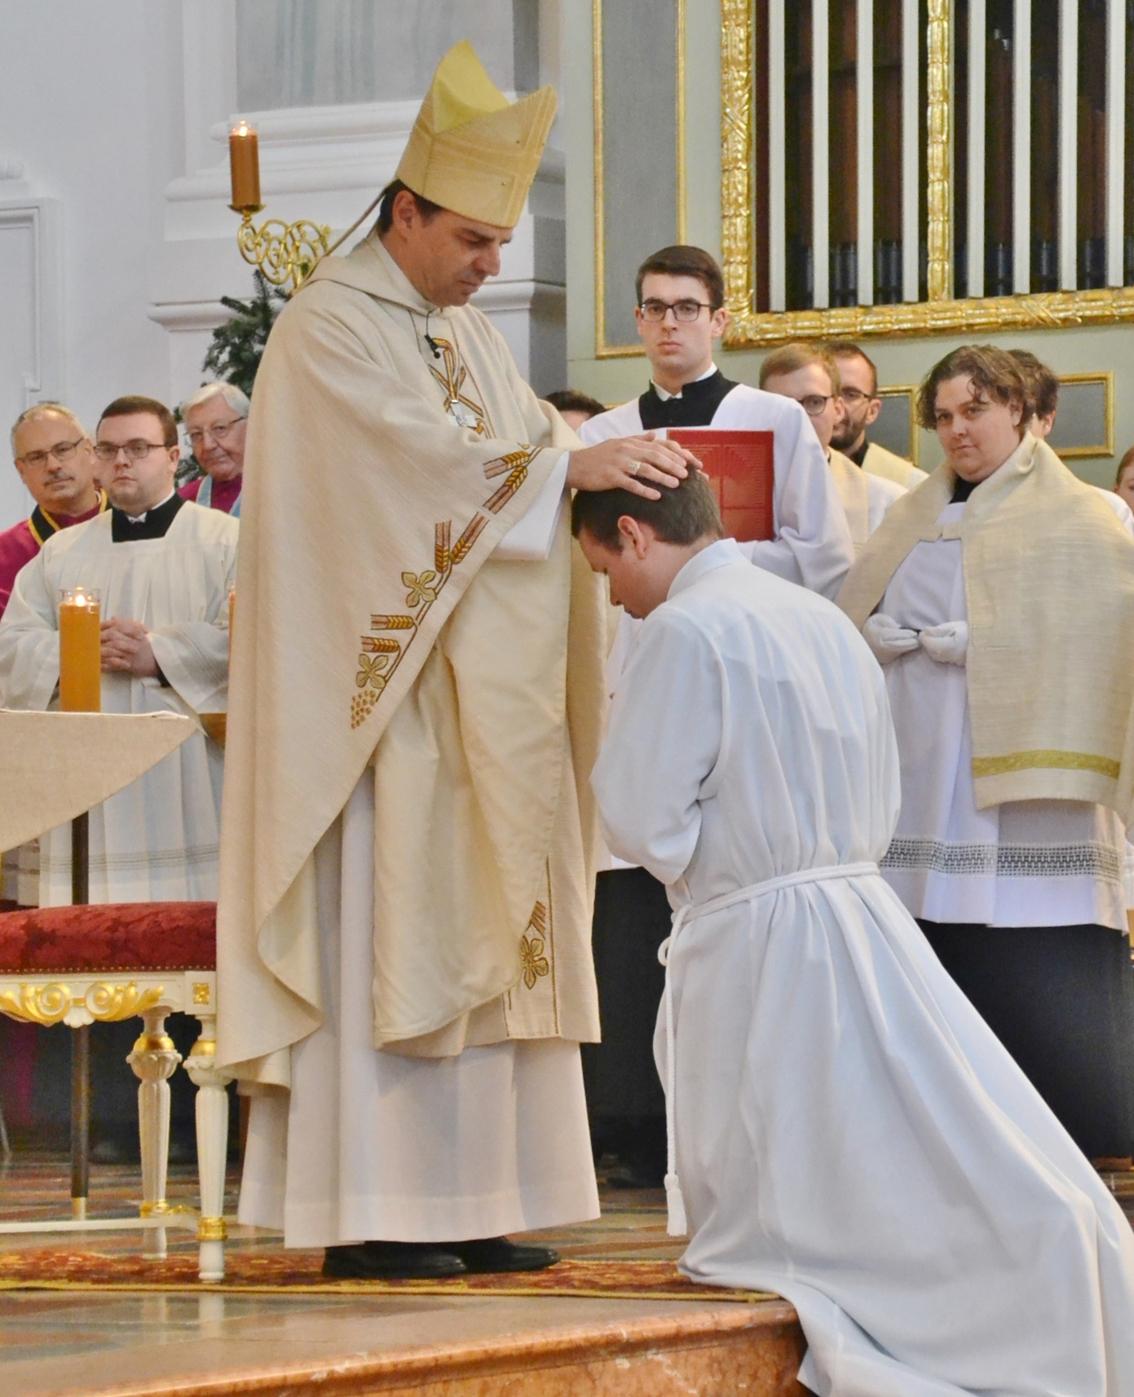 2019 12 altoetting lfb diakonenweihe1